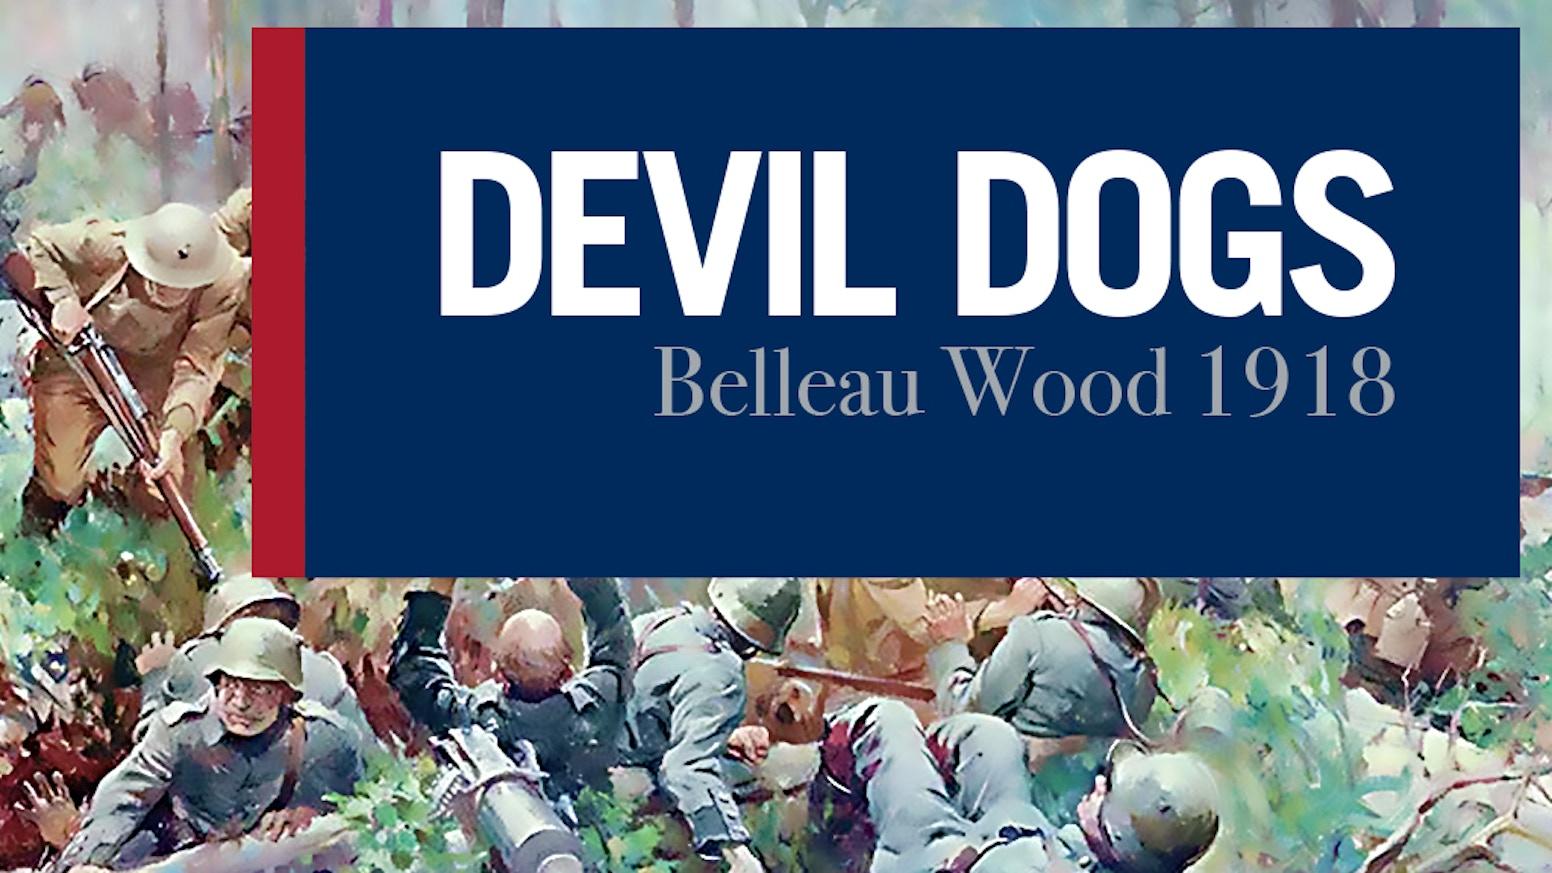 Devil Dogs: Belleau Wood 1918 by Old School Wargames